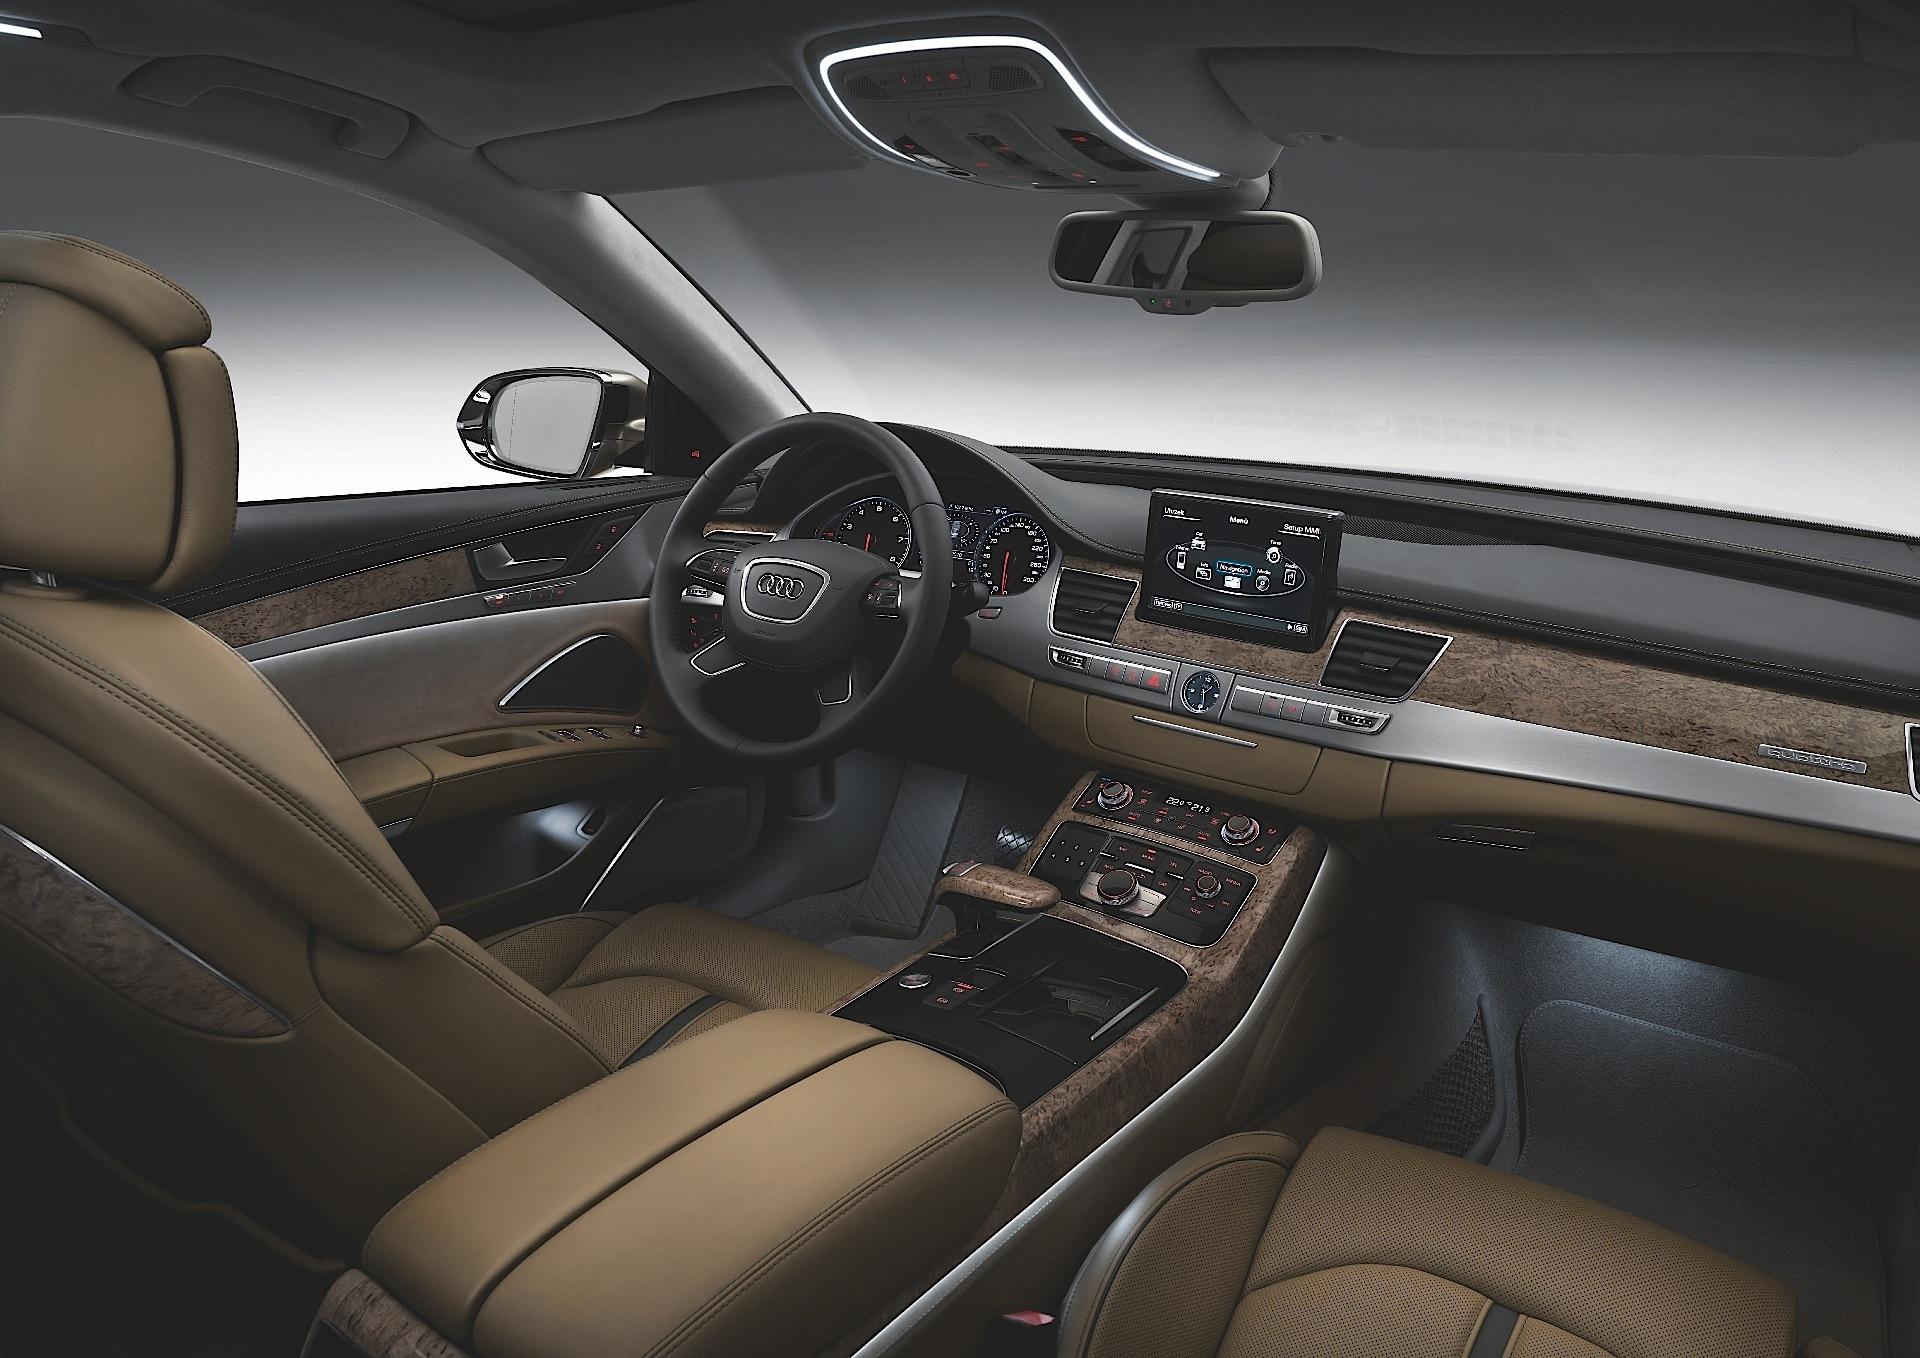 AUDI A8 L 3.0 TDi clean diesel Quattro 8AT (250